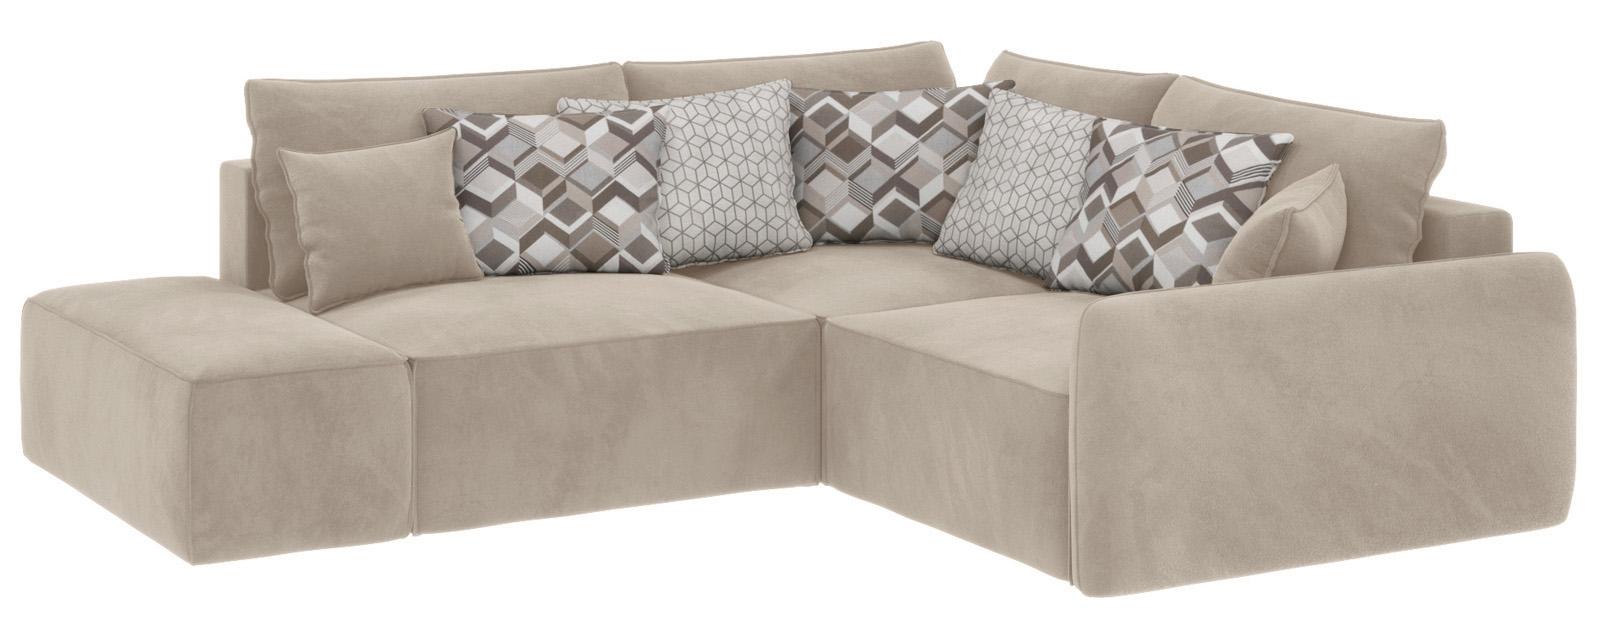 Модульный диван Портленд вариант №1 Soft светло-бежевый (Вел-флок, правый)